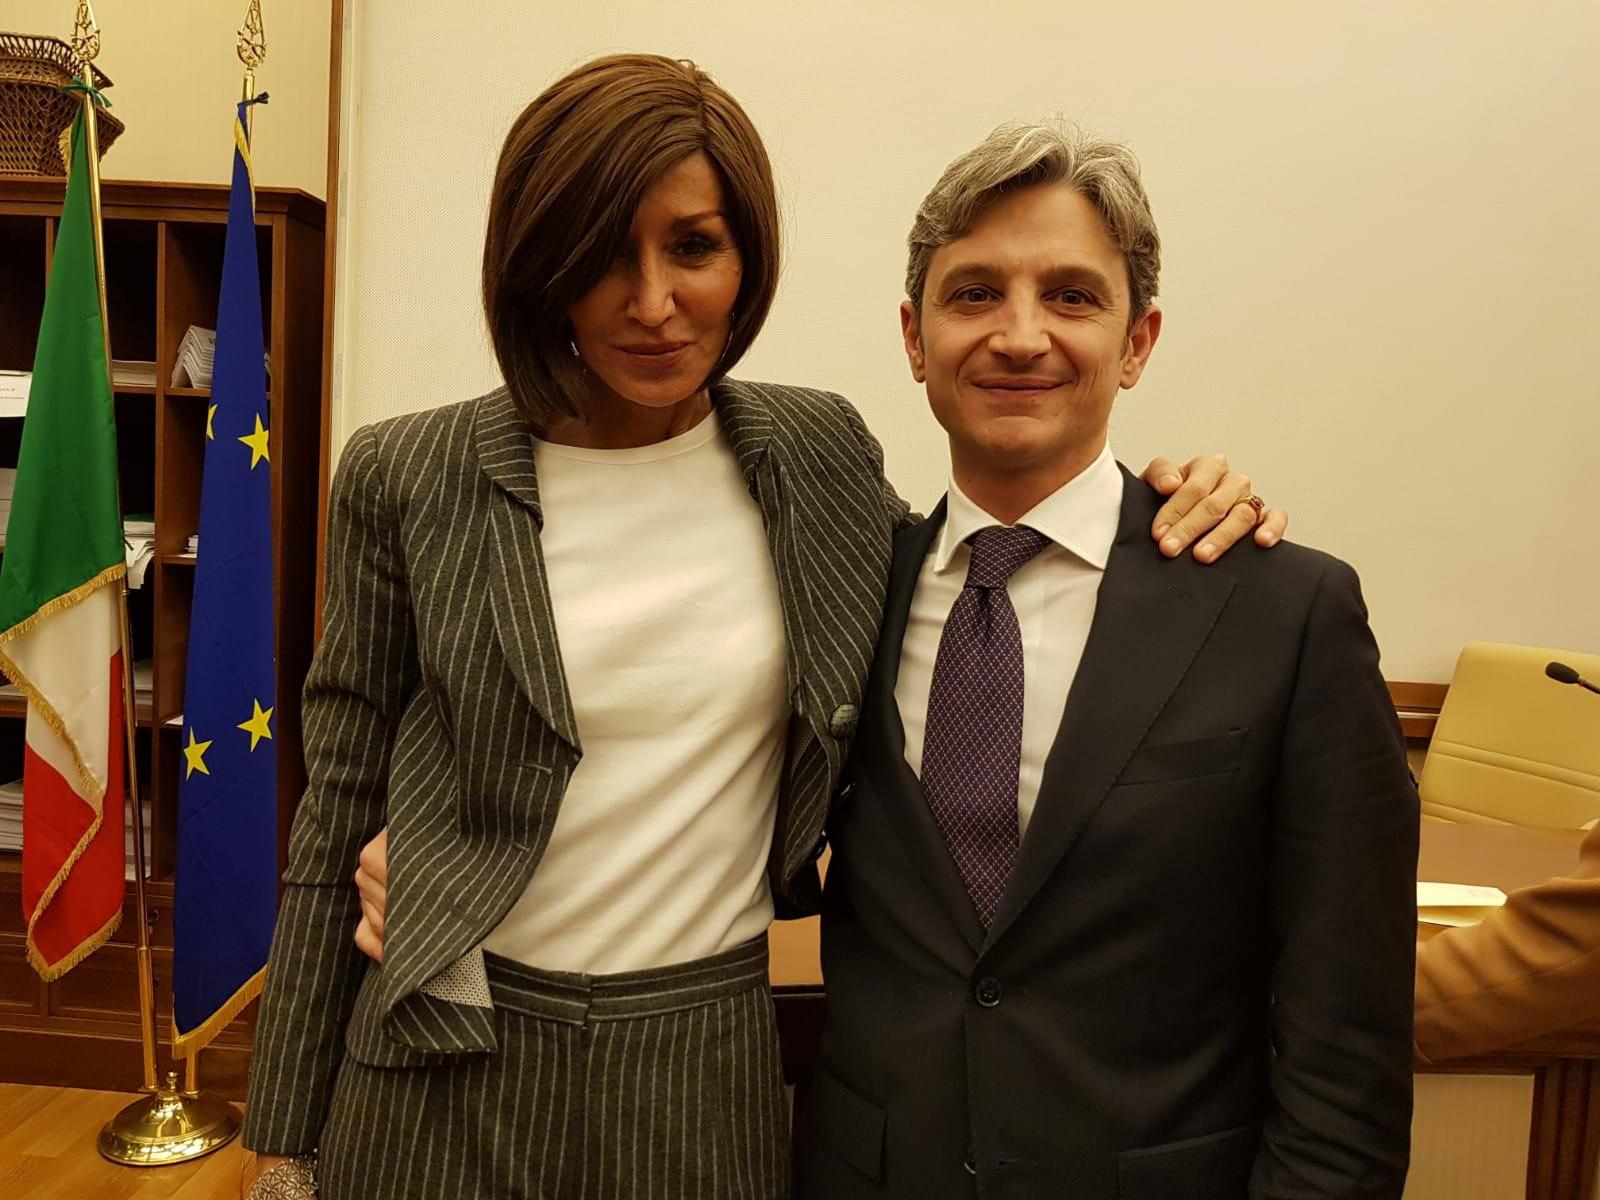 Mangialavori vicepresidente di forza italia in senato for Senatori di forza italia